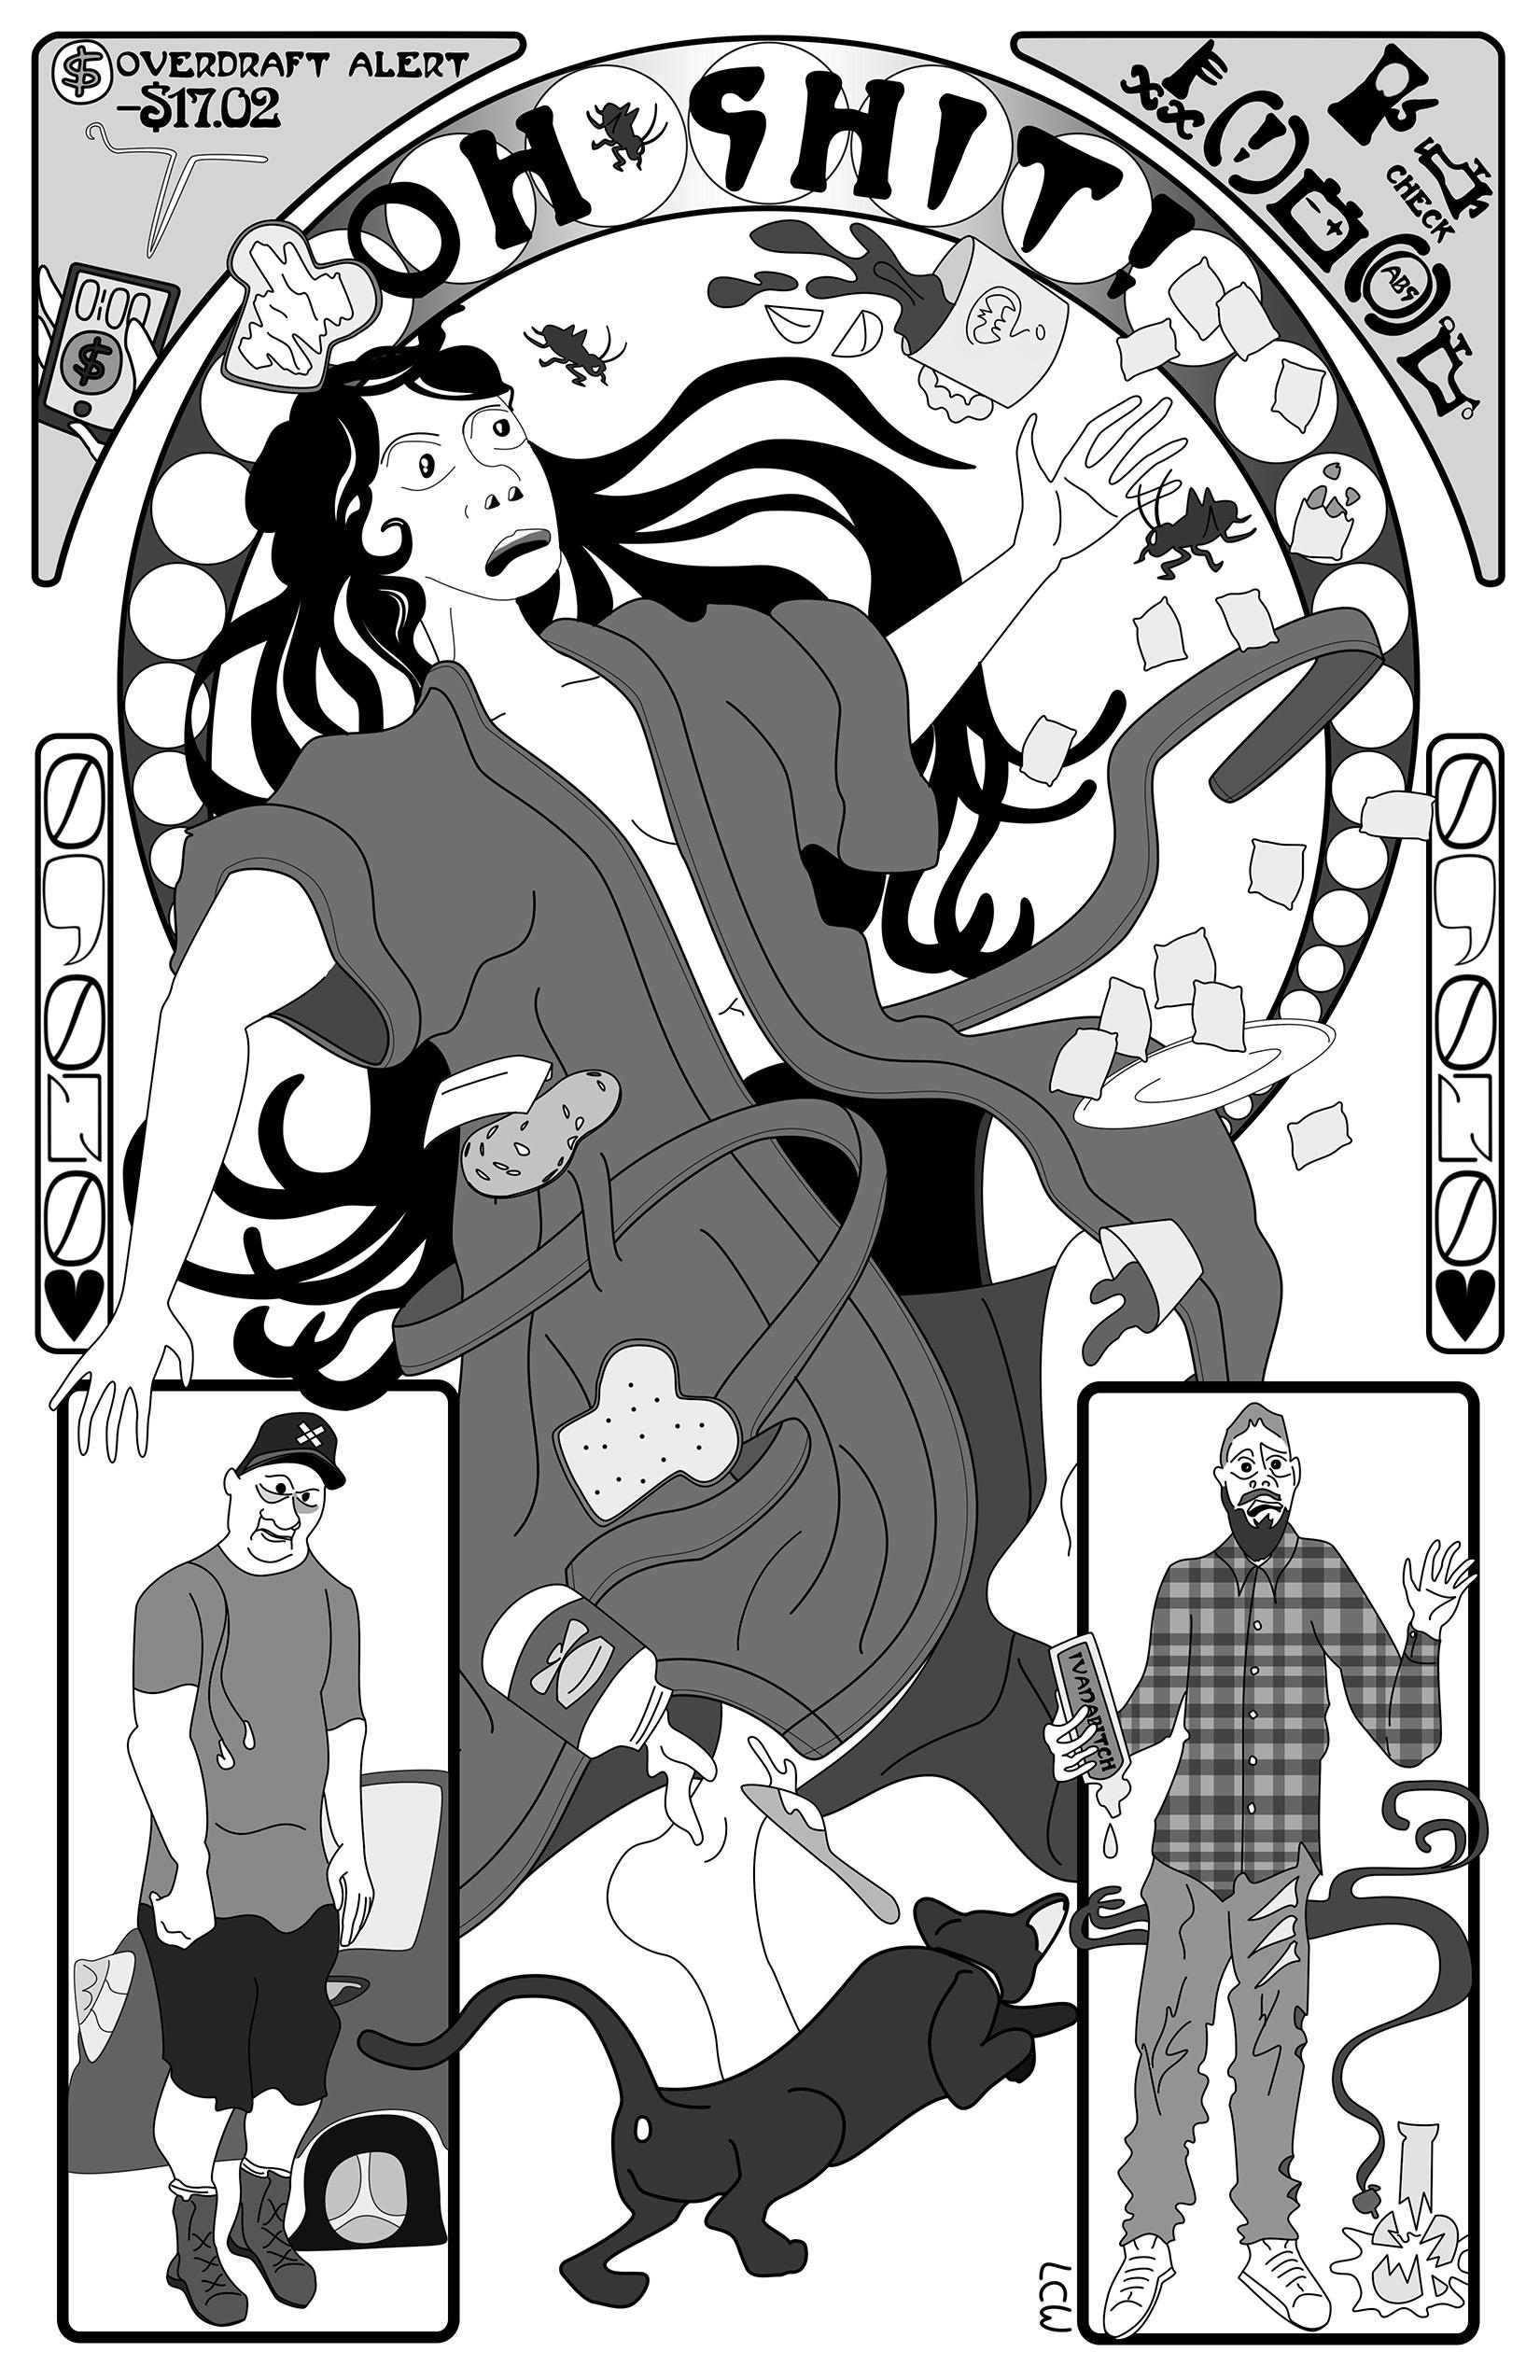 Street Fight ' Failure ' Zine Illustration (2019)